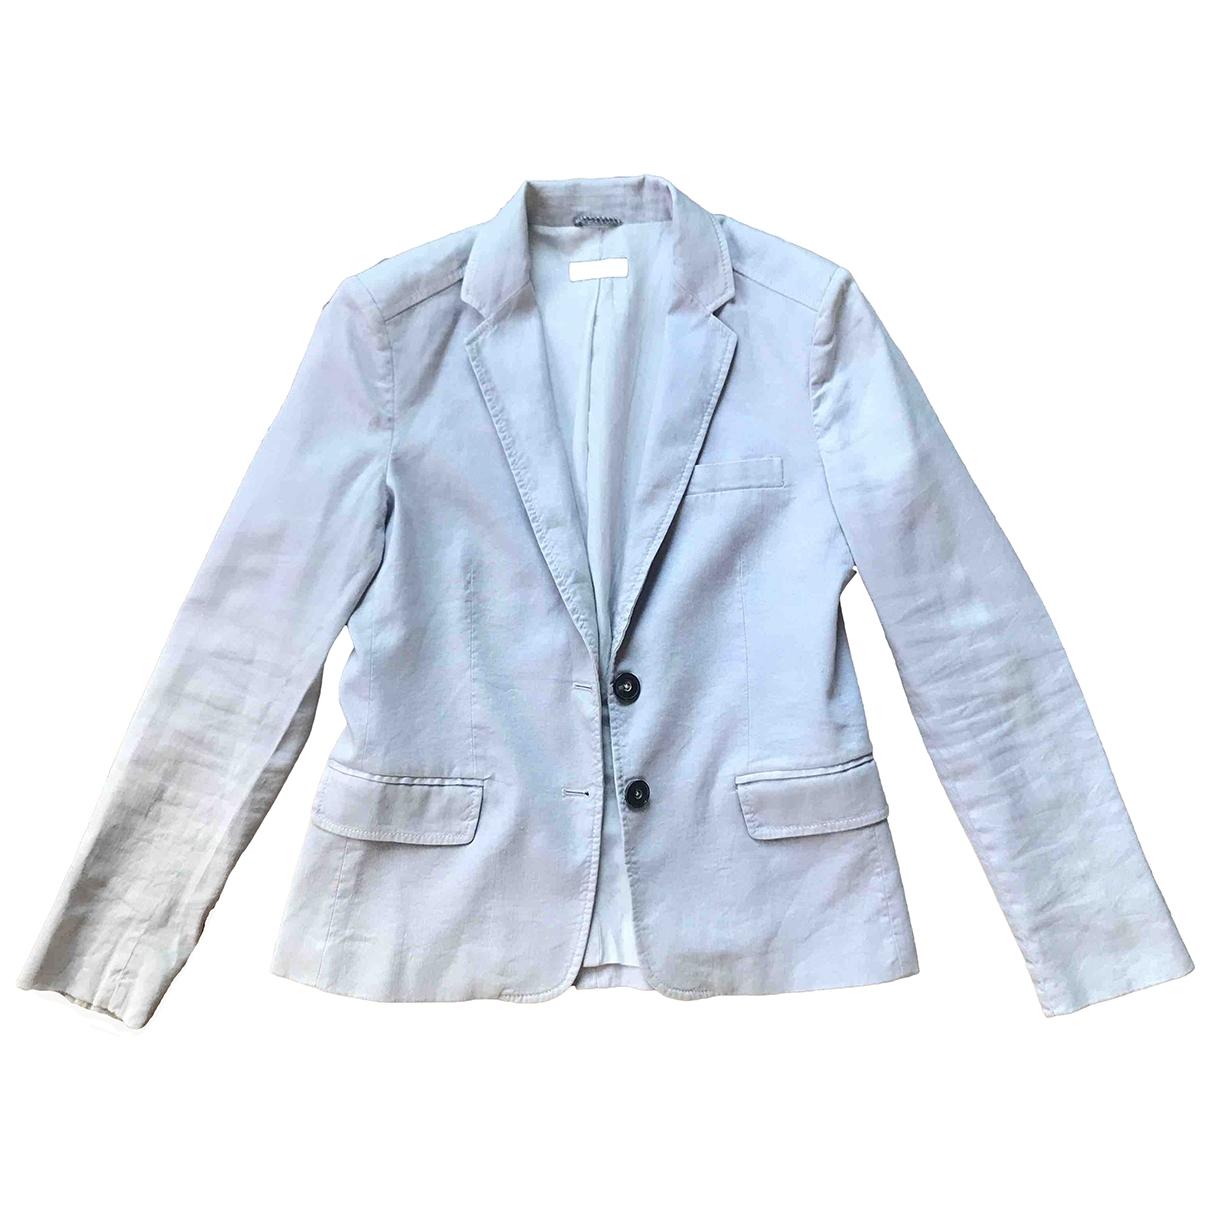 Massimo Dutti - Veste   pour femme en lin - bleu